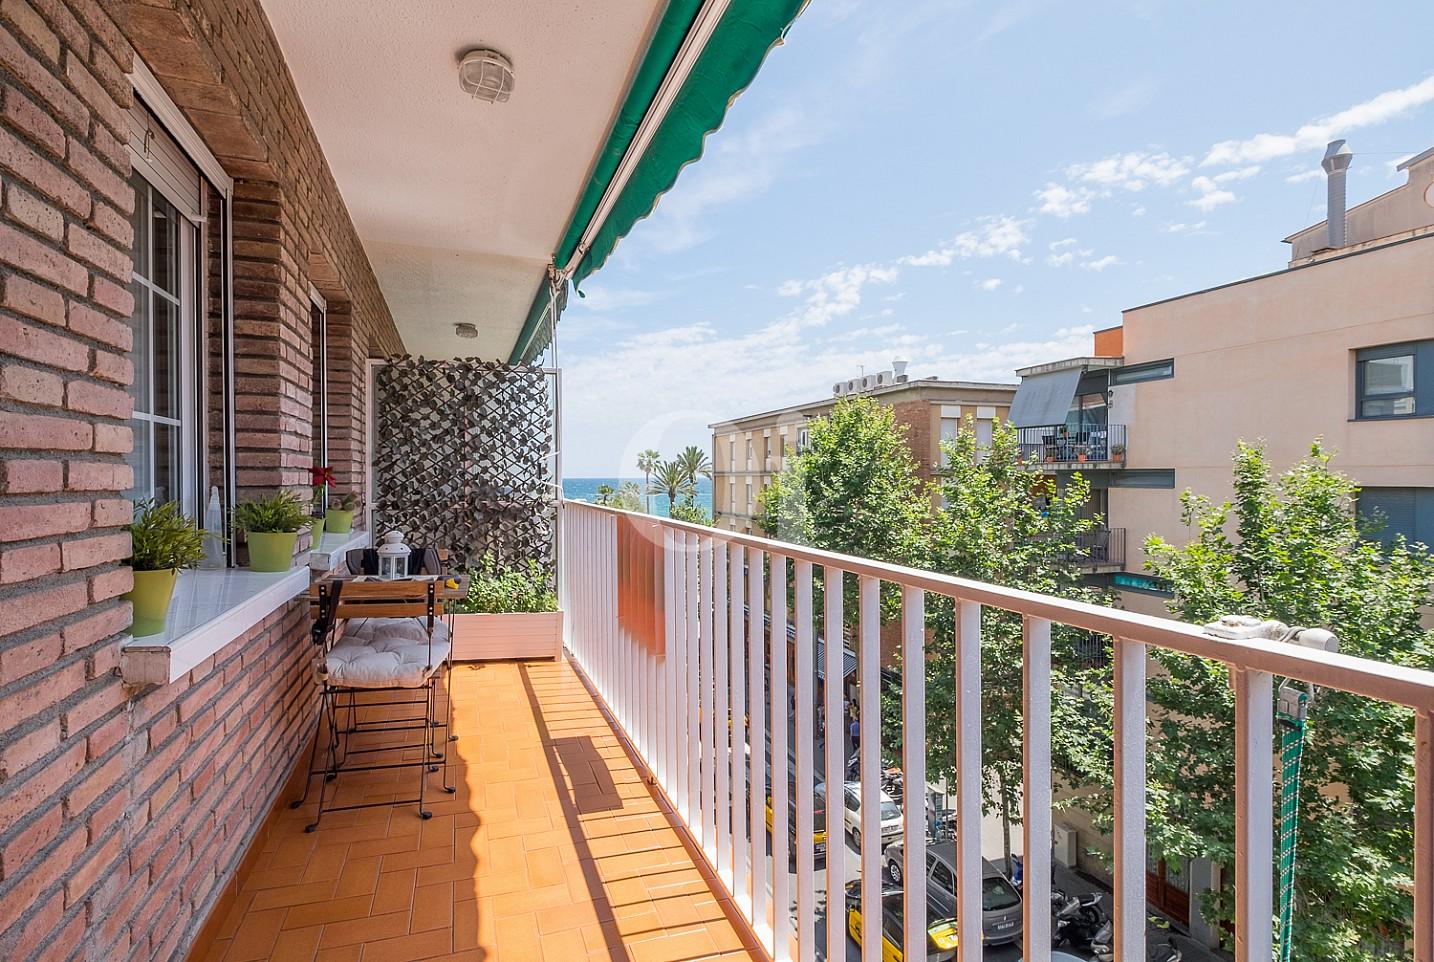 Apartamento en venta con preciosas vista al mar en barceloneta oi realtor - Apartamentos en la barceloneta ...